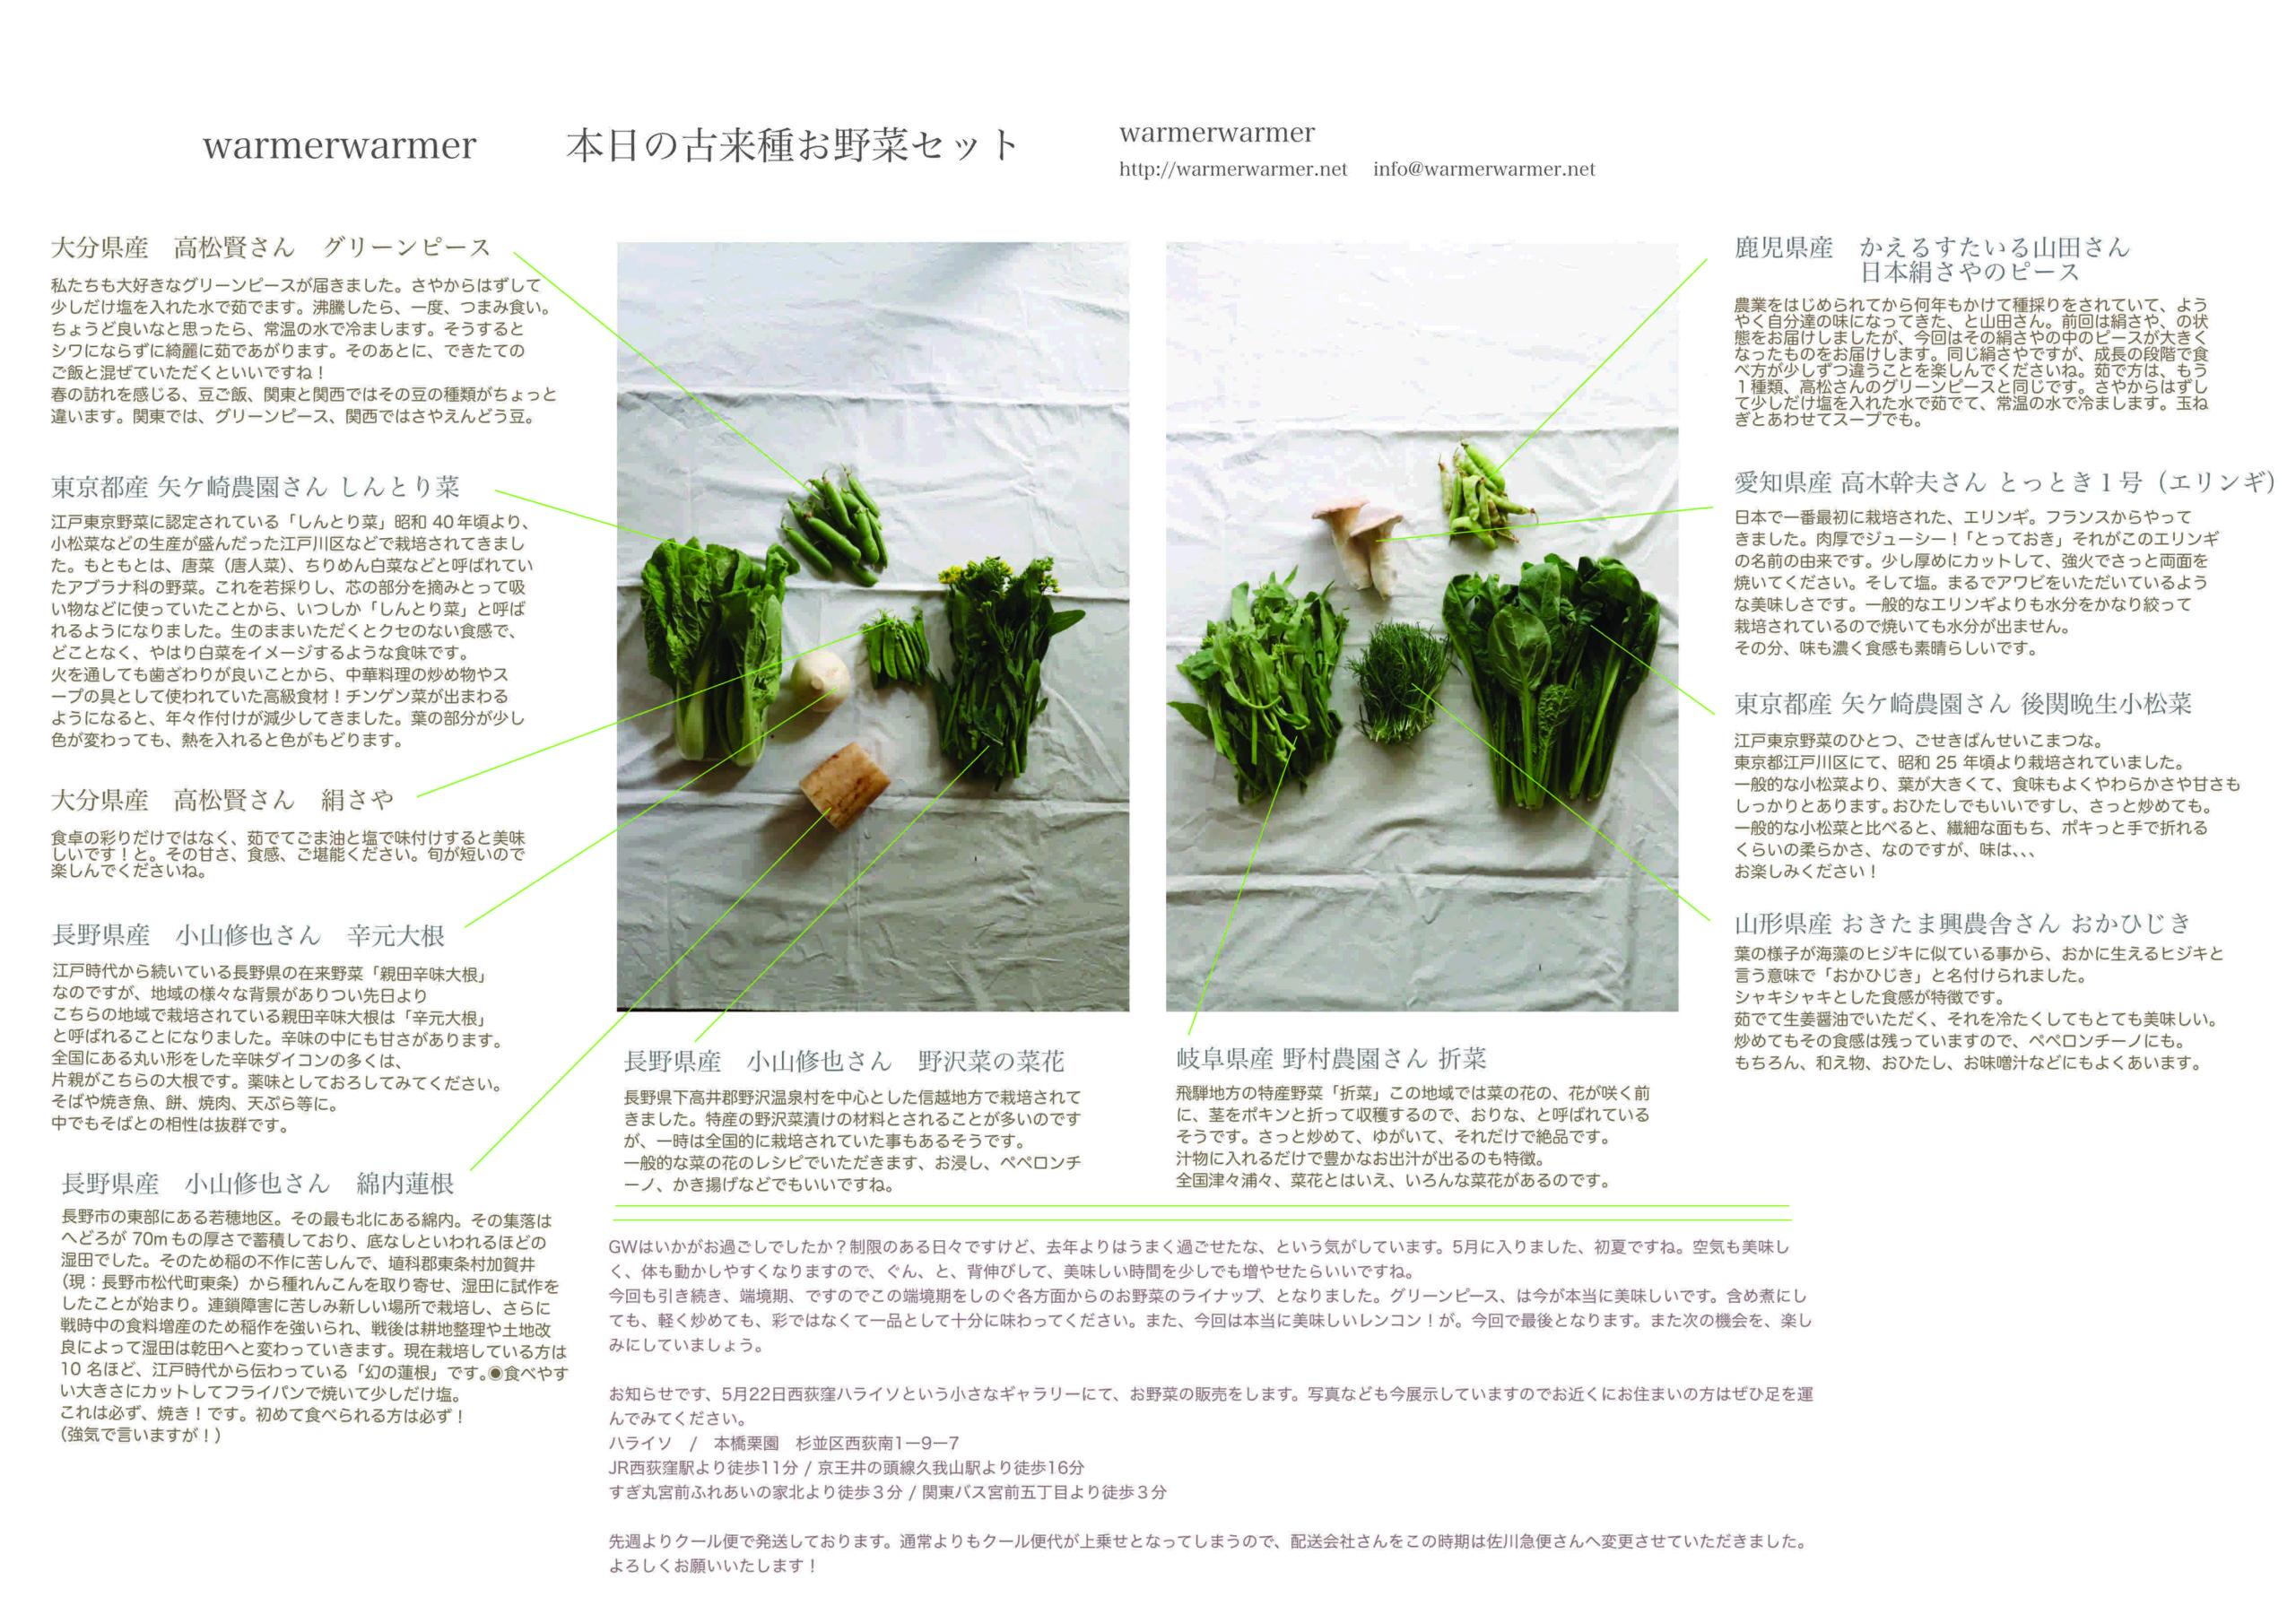 5月7日 本日のお野菜セットの内容です。